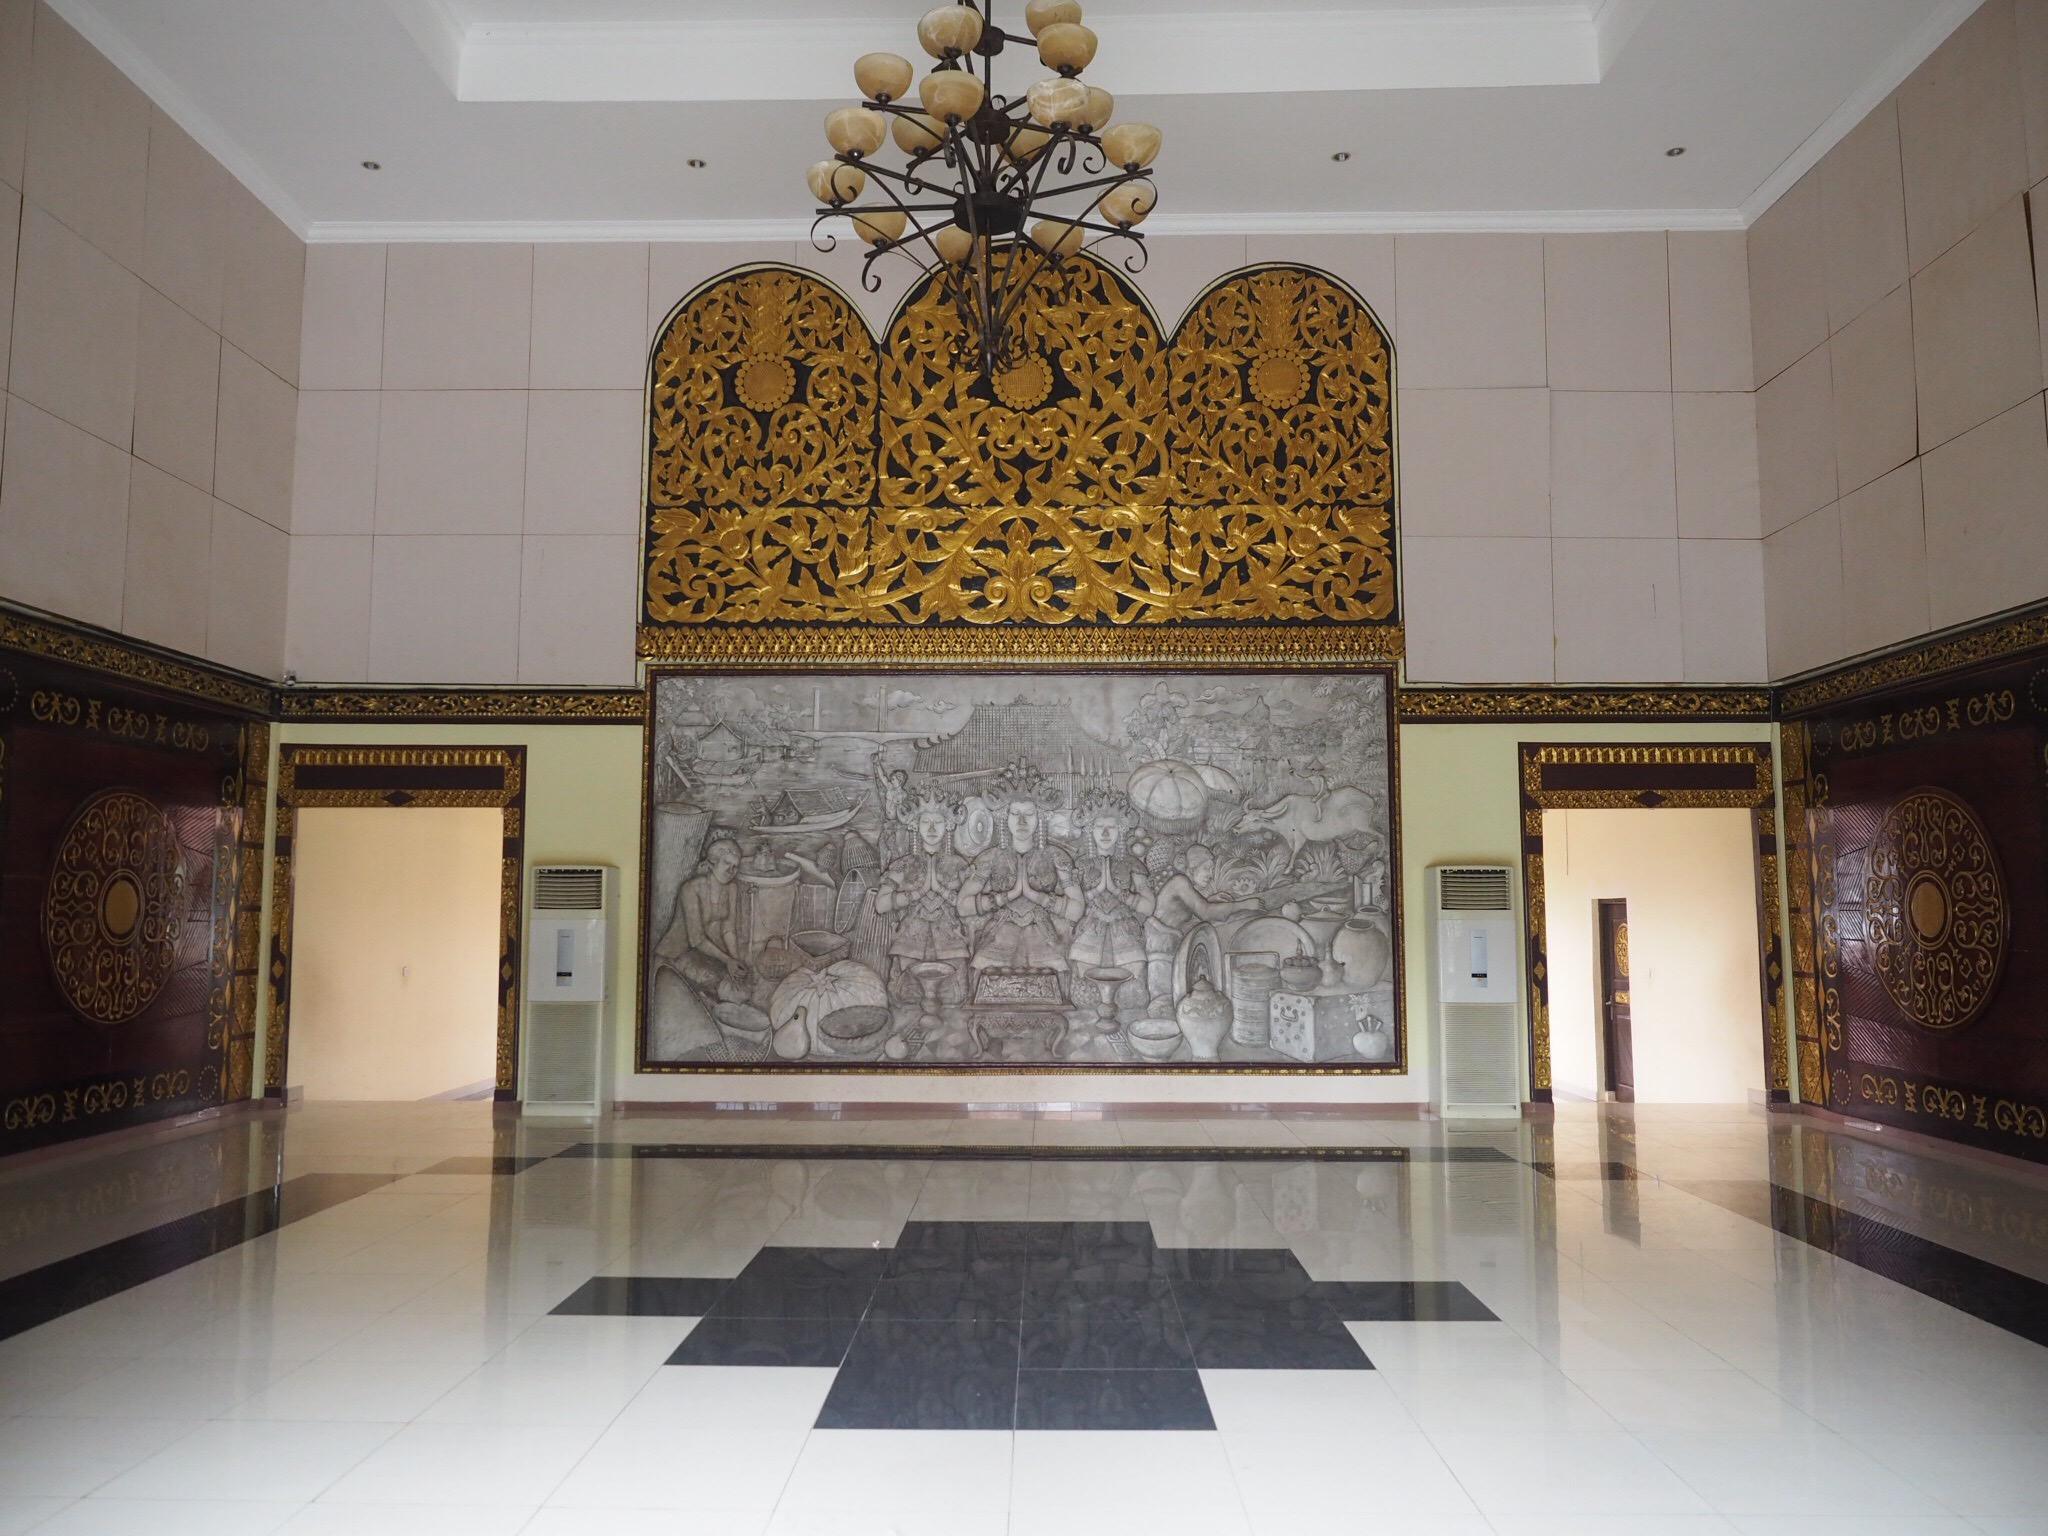 Img 4009 Jpg Setelah Puas Mengunjungi Museum Negeri Balaputra Dewa